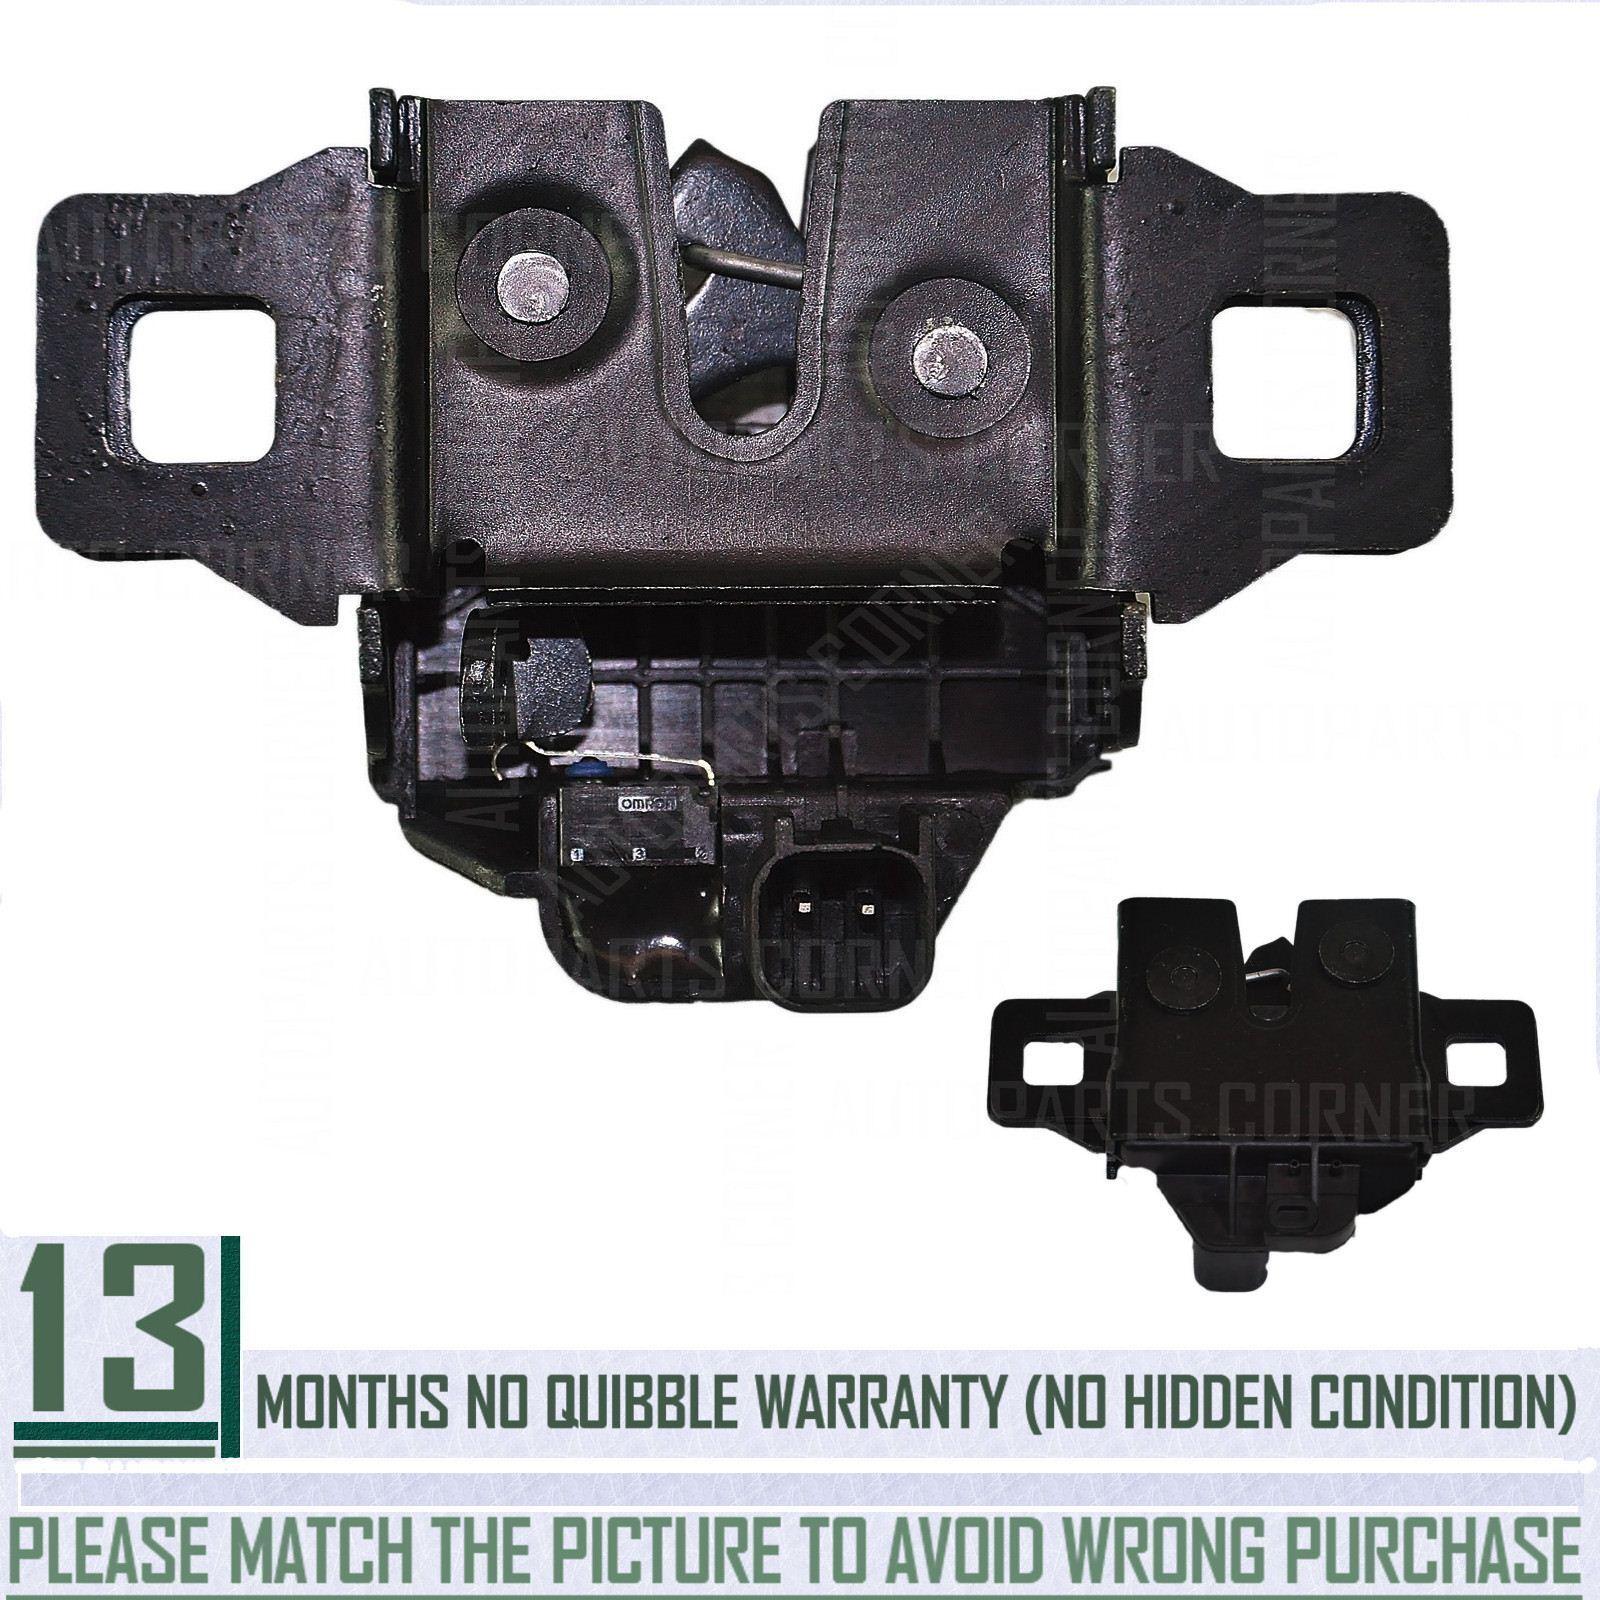 Motorhaube-Fang Anti-diebstahl -schalter für Land Rover Discovery Freelander 2